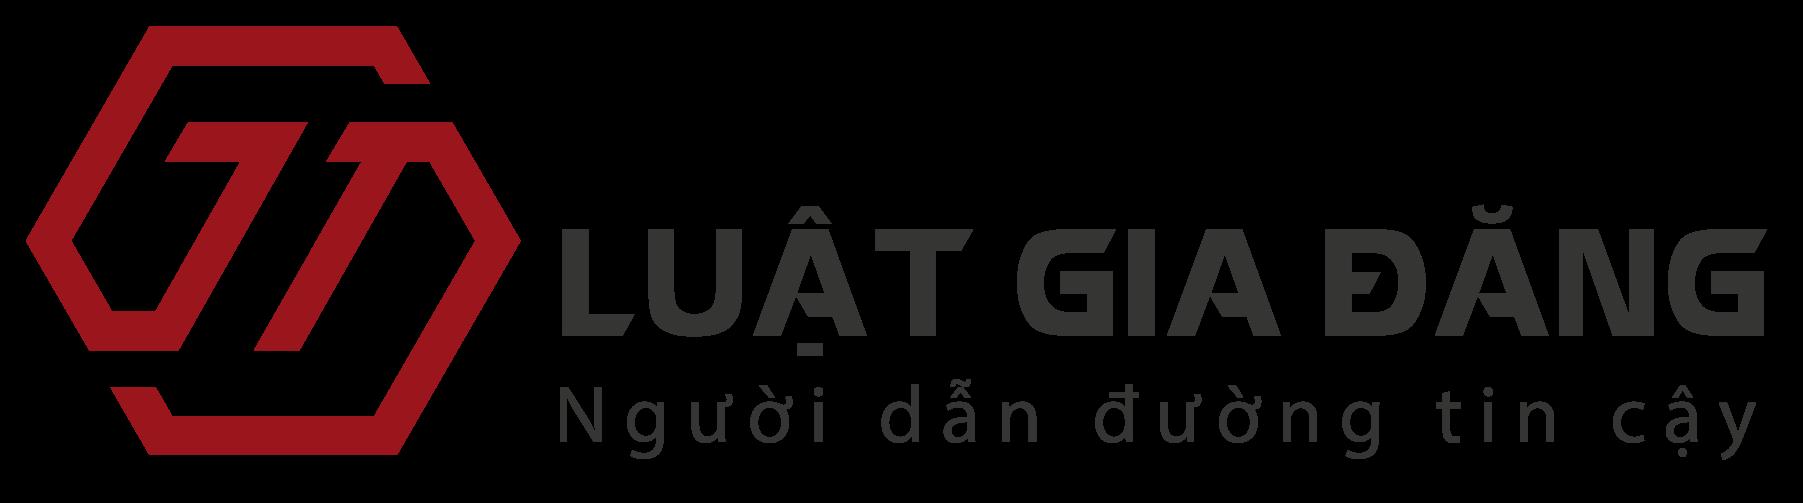 Logo Công ty TNHH Dịch Vụ Gia Đăng Luật